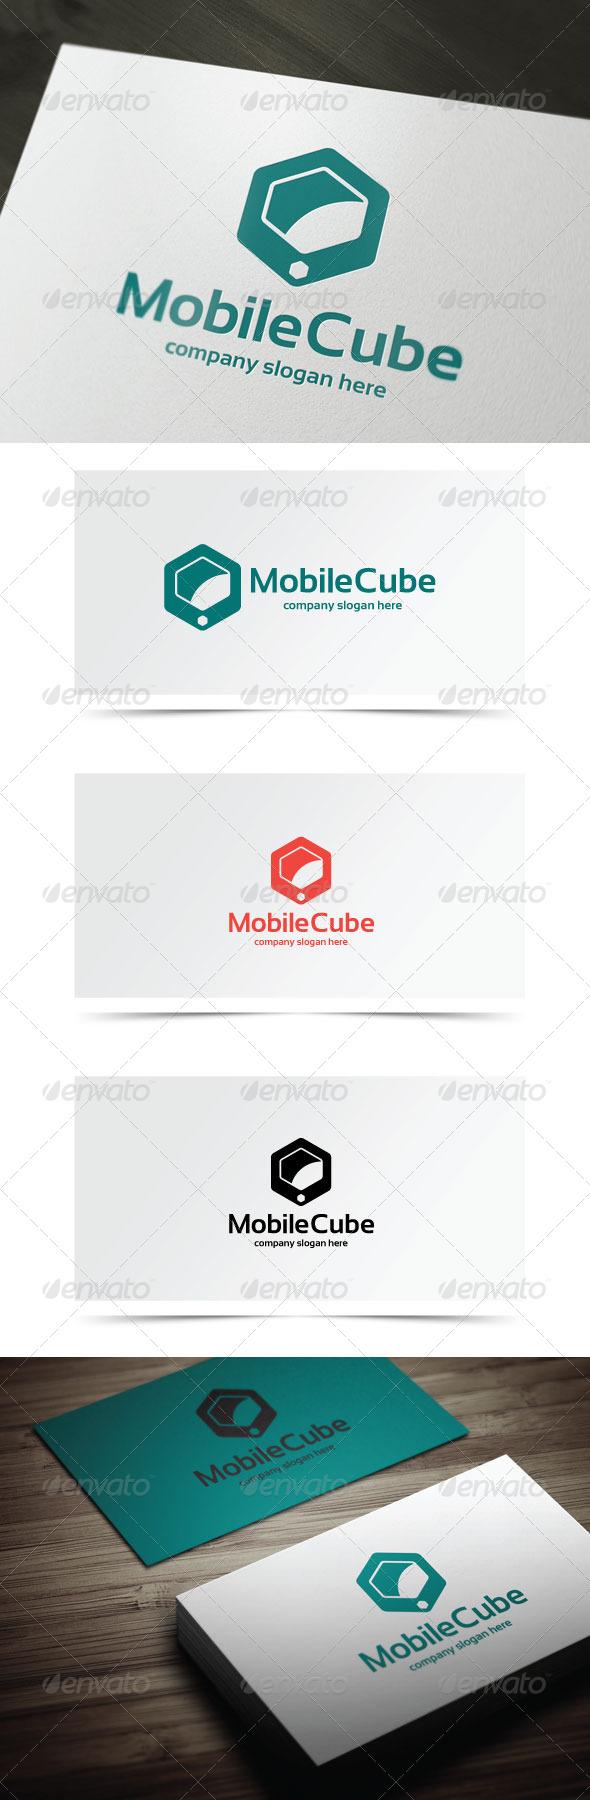 GraphicRiver Mobile Cube 6828769